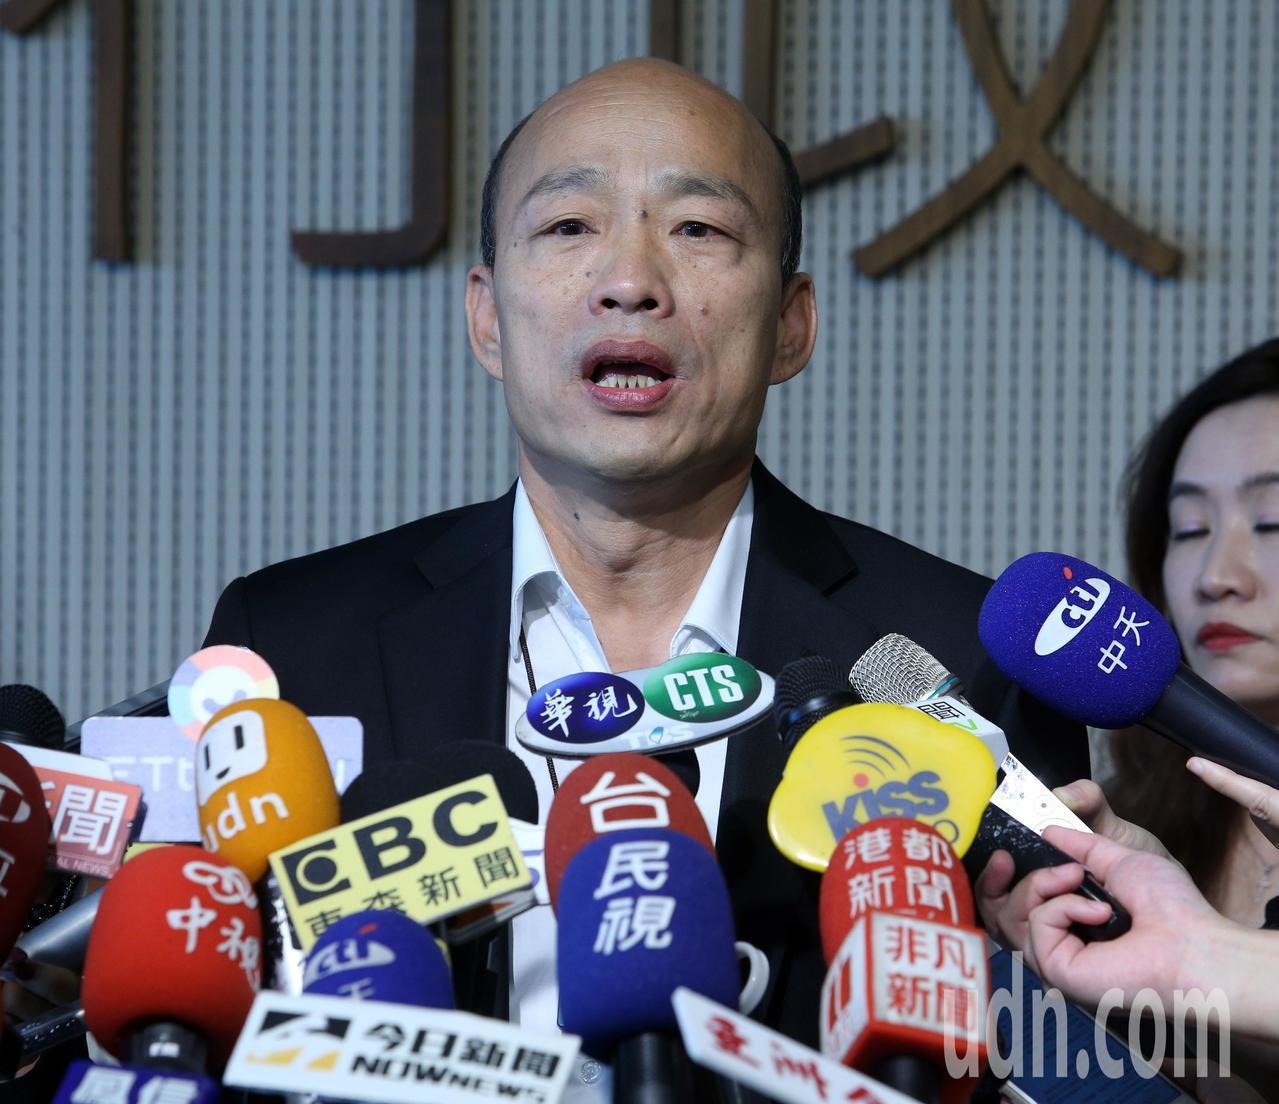 高雄市長韓國瑜針對選舉捐款流向再度向媒體說明。記者劉學聖/攝影